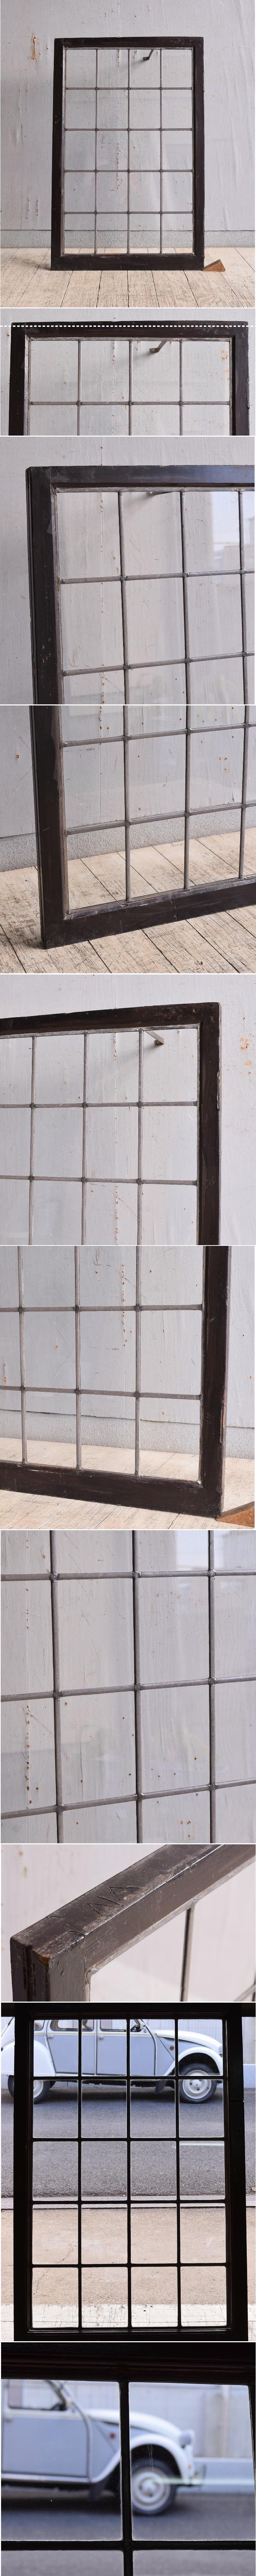 イギリス アンティーク 窓 無色透明 9768